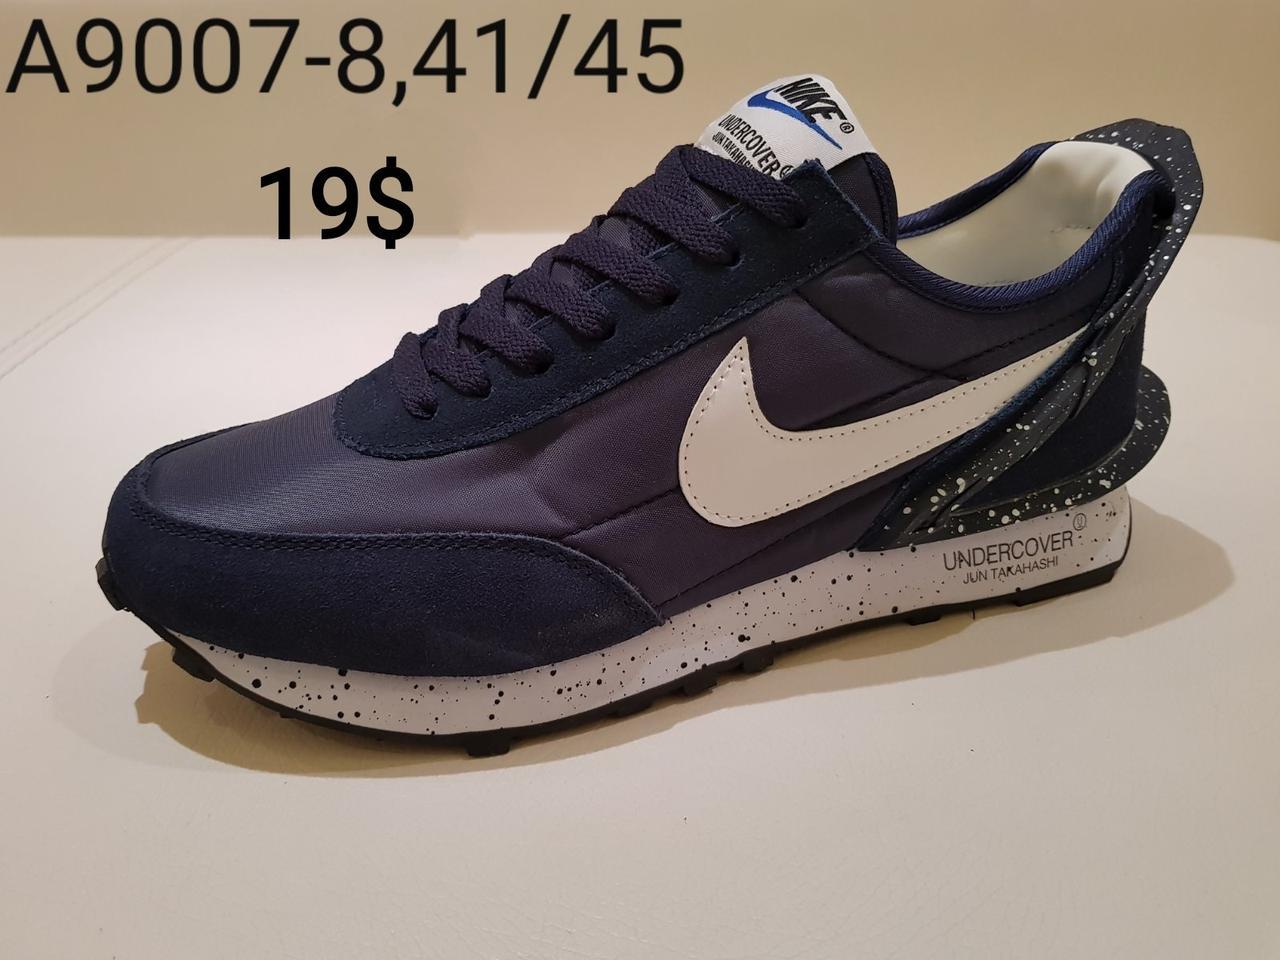 Чоловічі кросівки Nike Undercover Jun Takahashi оптом (41-45)